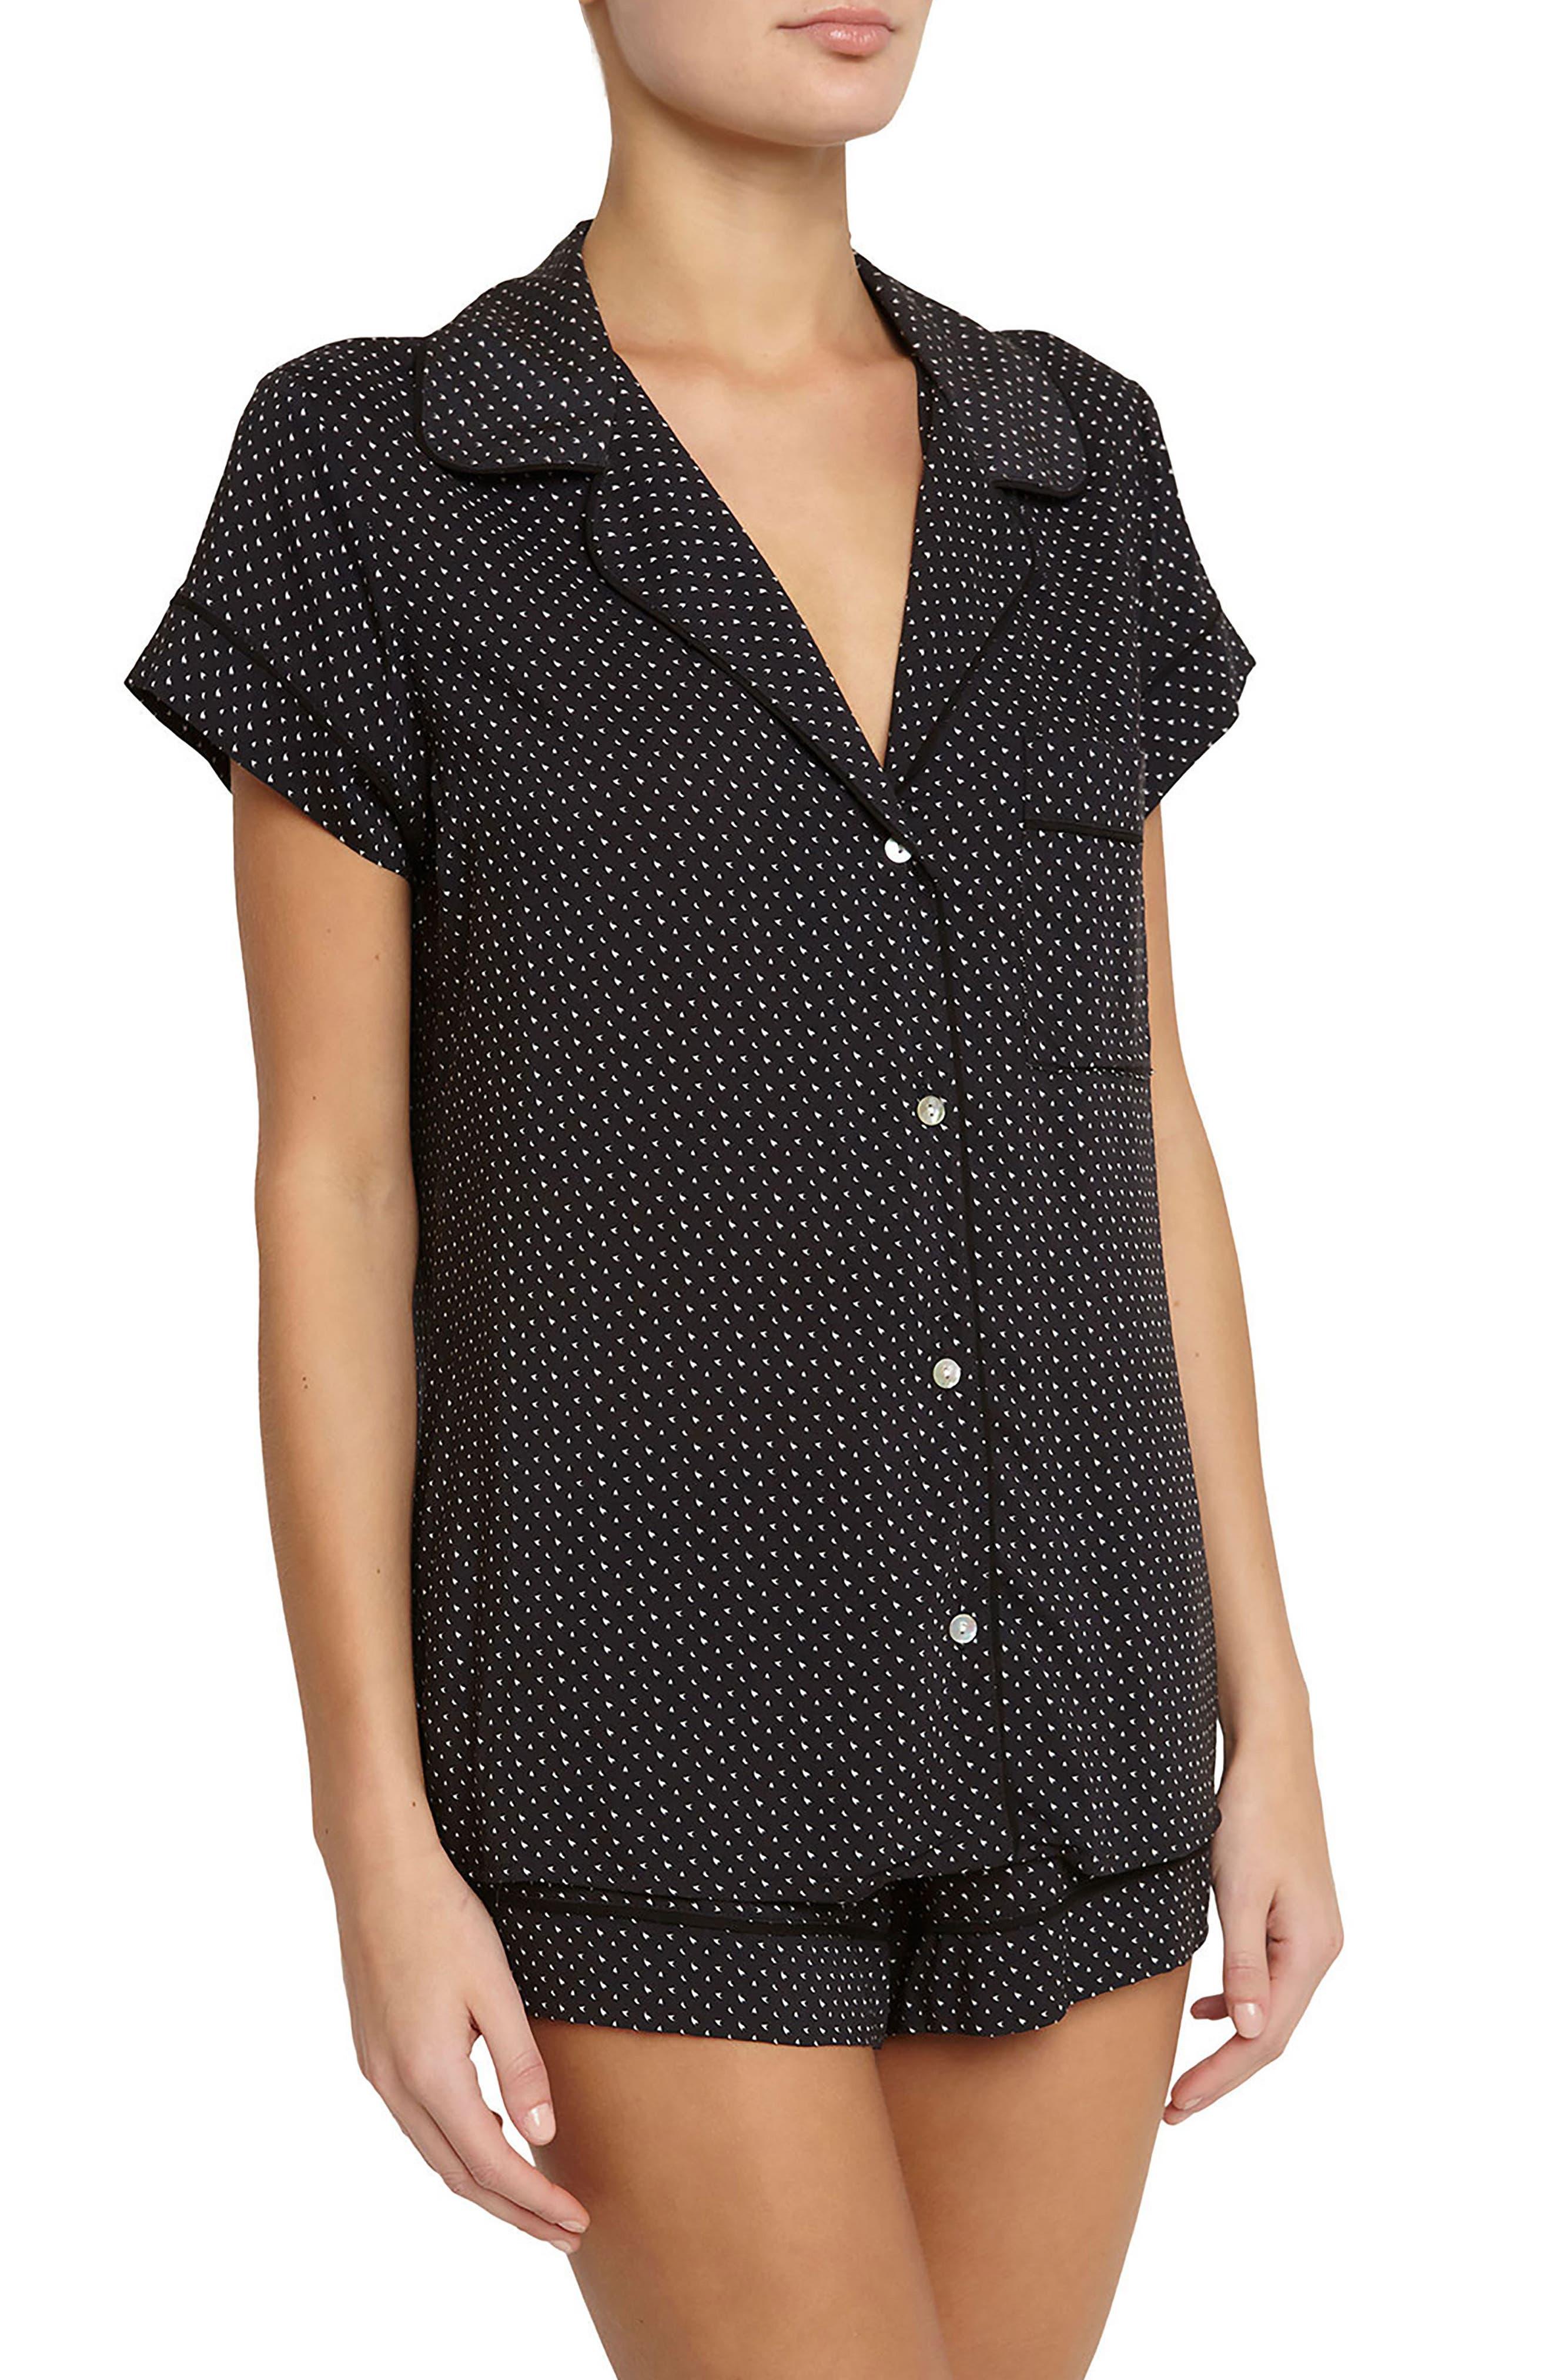 Victoria Short Pajamas,                             Main thumbnail 1, color,                             Wish/ Black